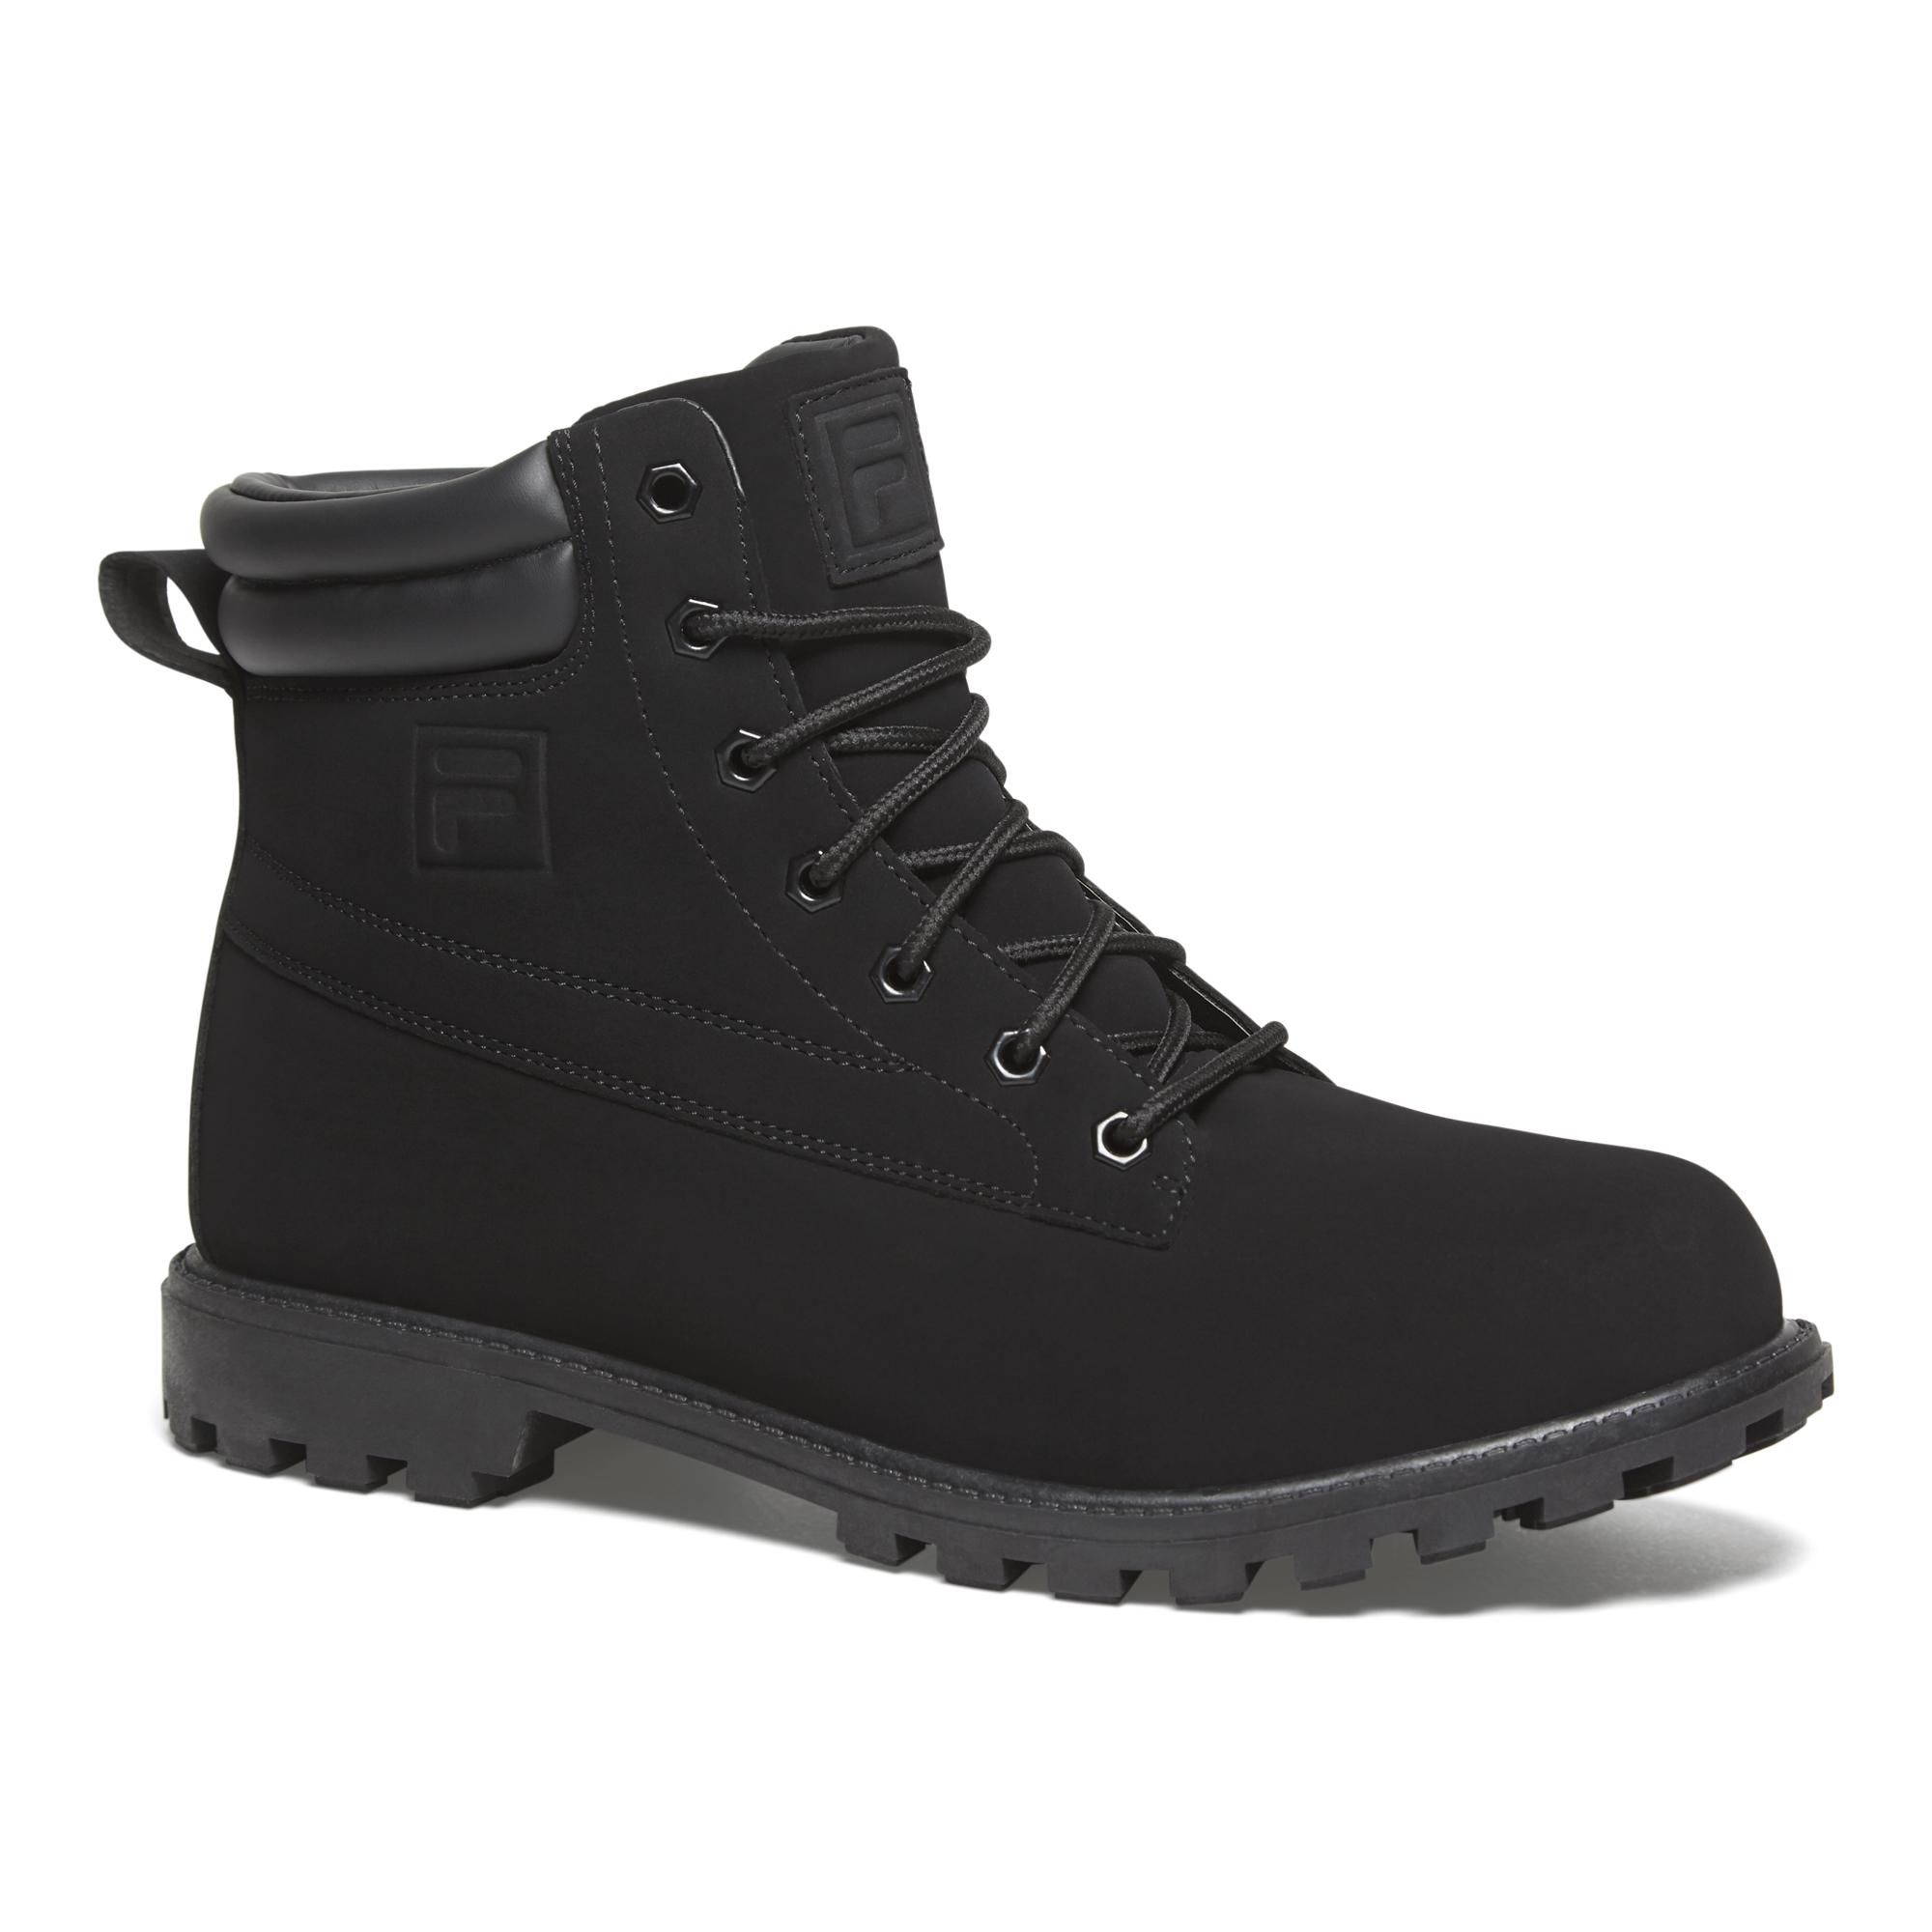 Fila Watersedge Men's Waterproof Boot